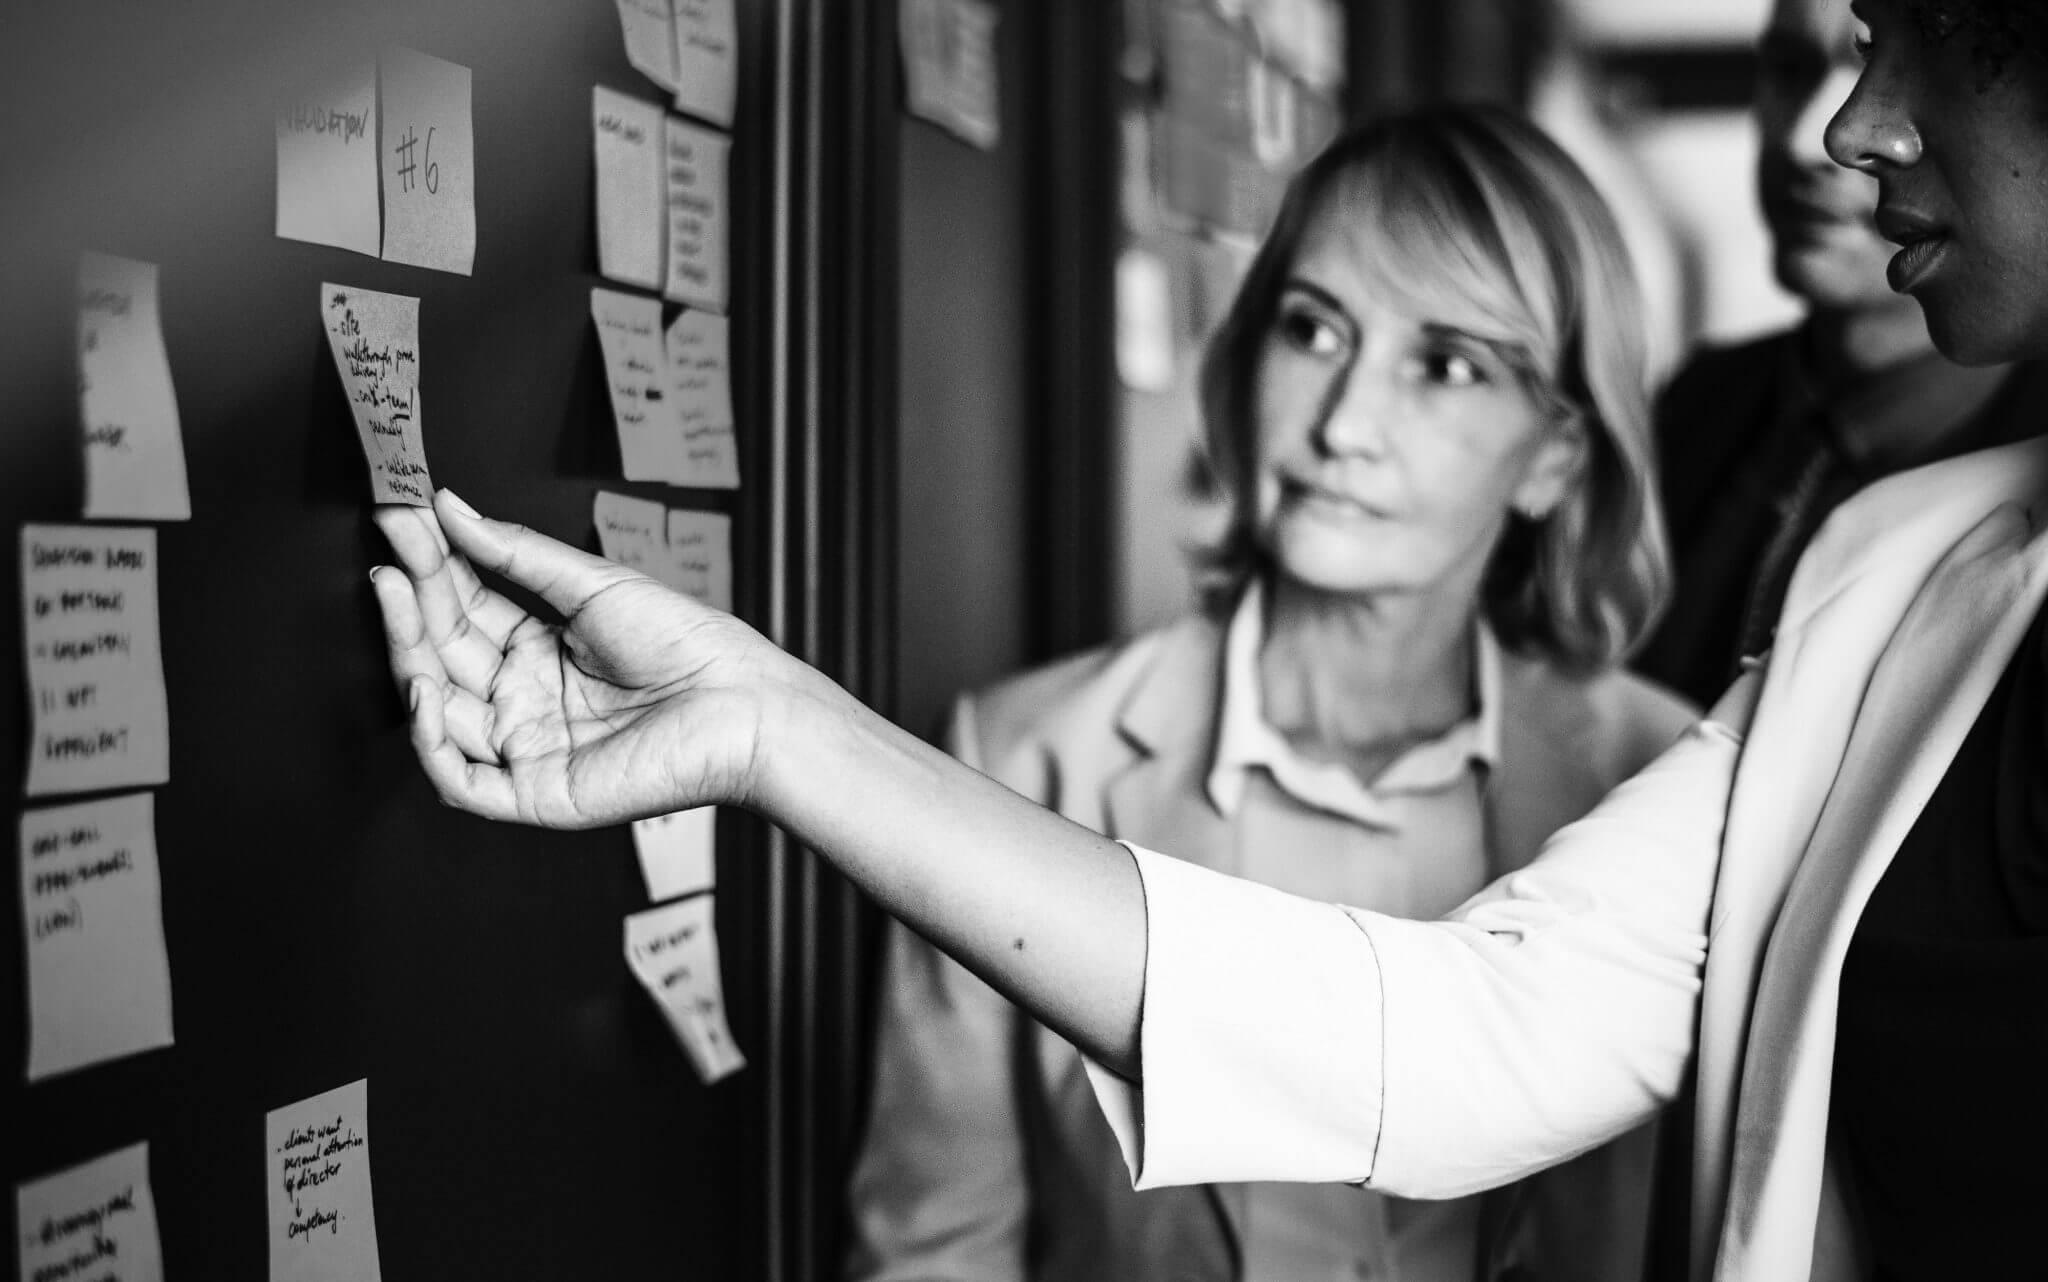 An employee showing her boss an idea on a whiteboard.